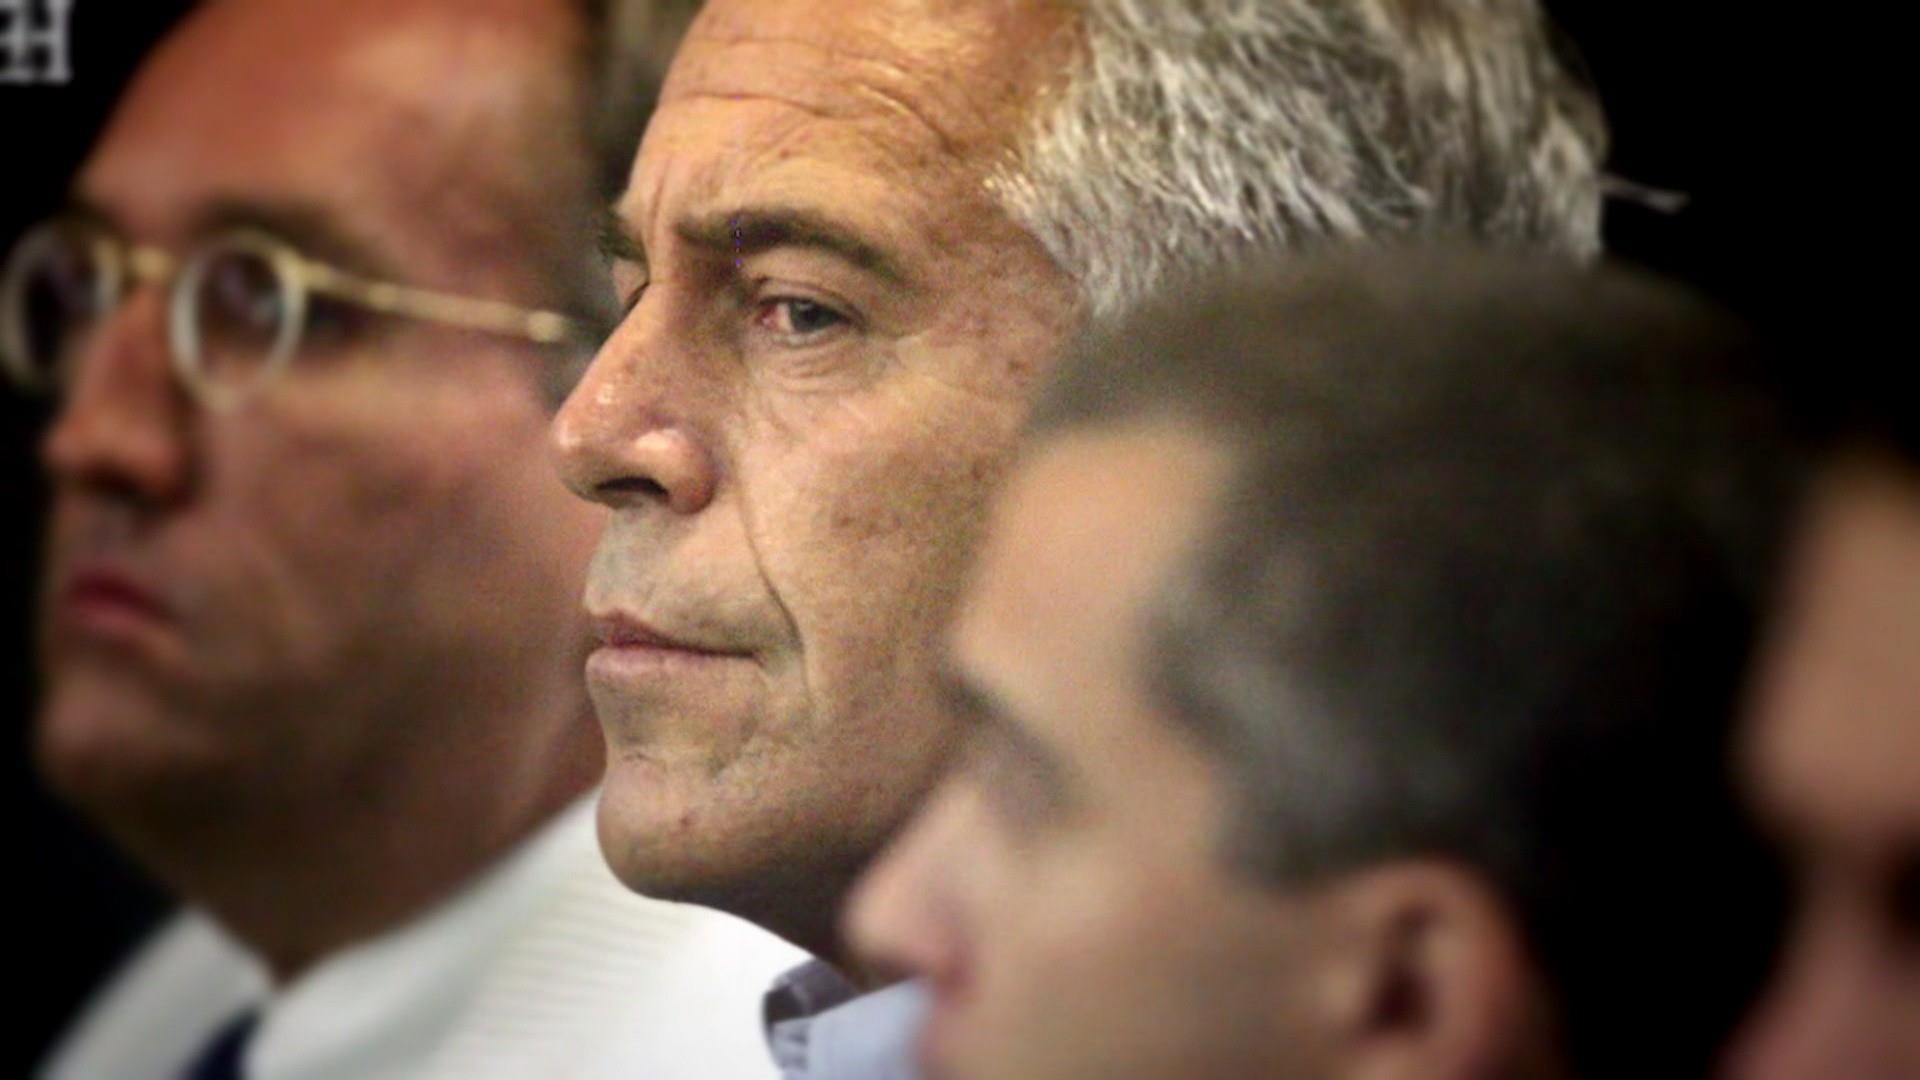 Billionaire sex offender Jeffrey Epstein arrested for alleged sex trafficking